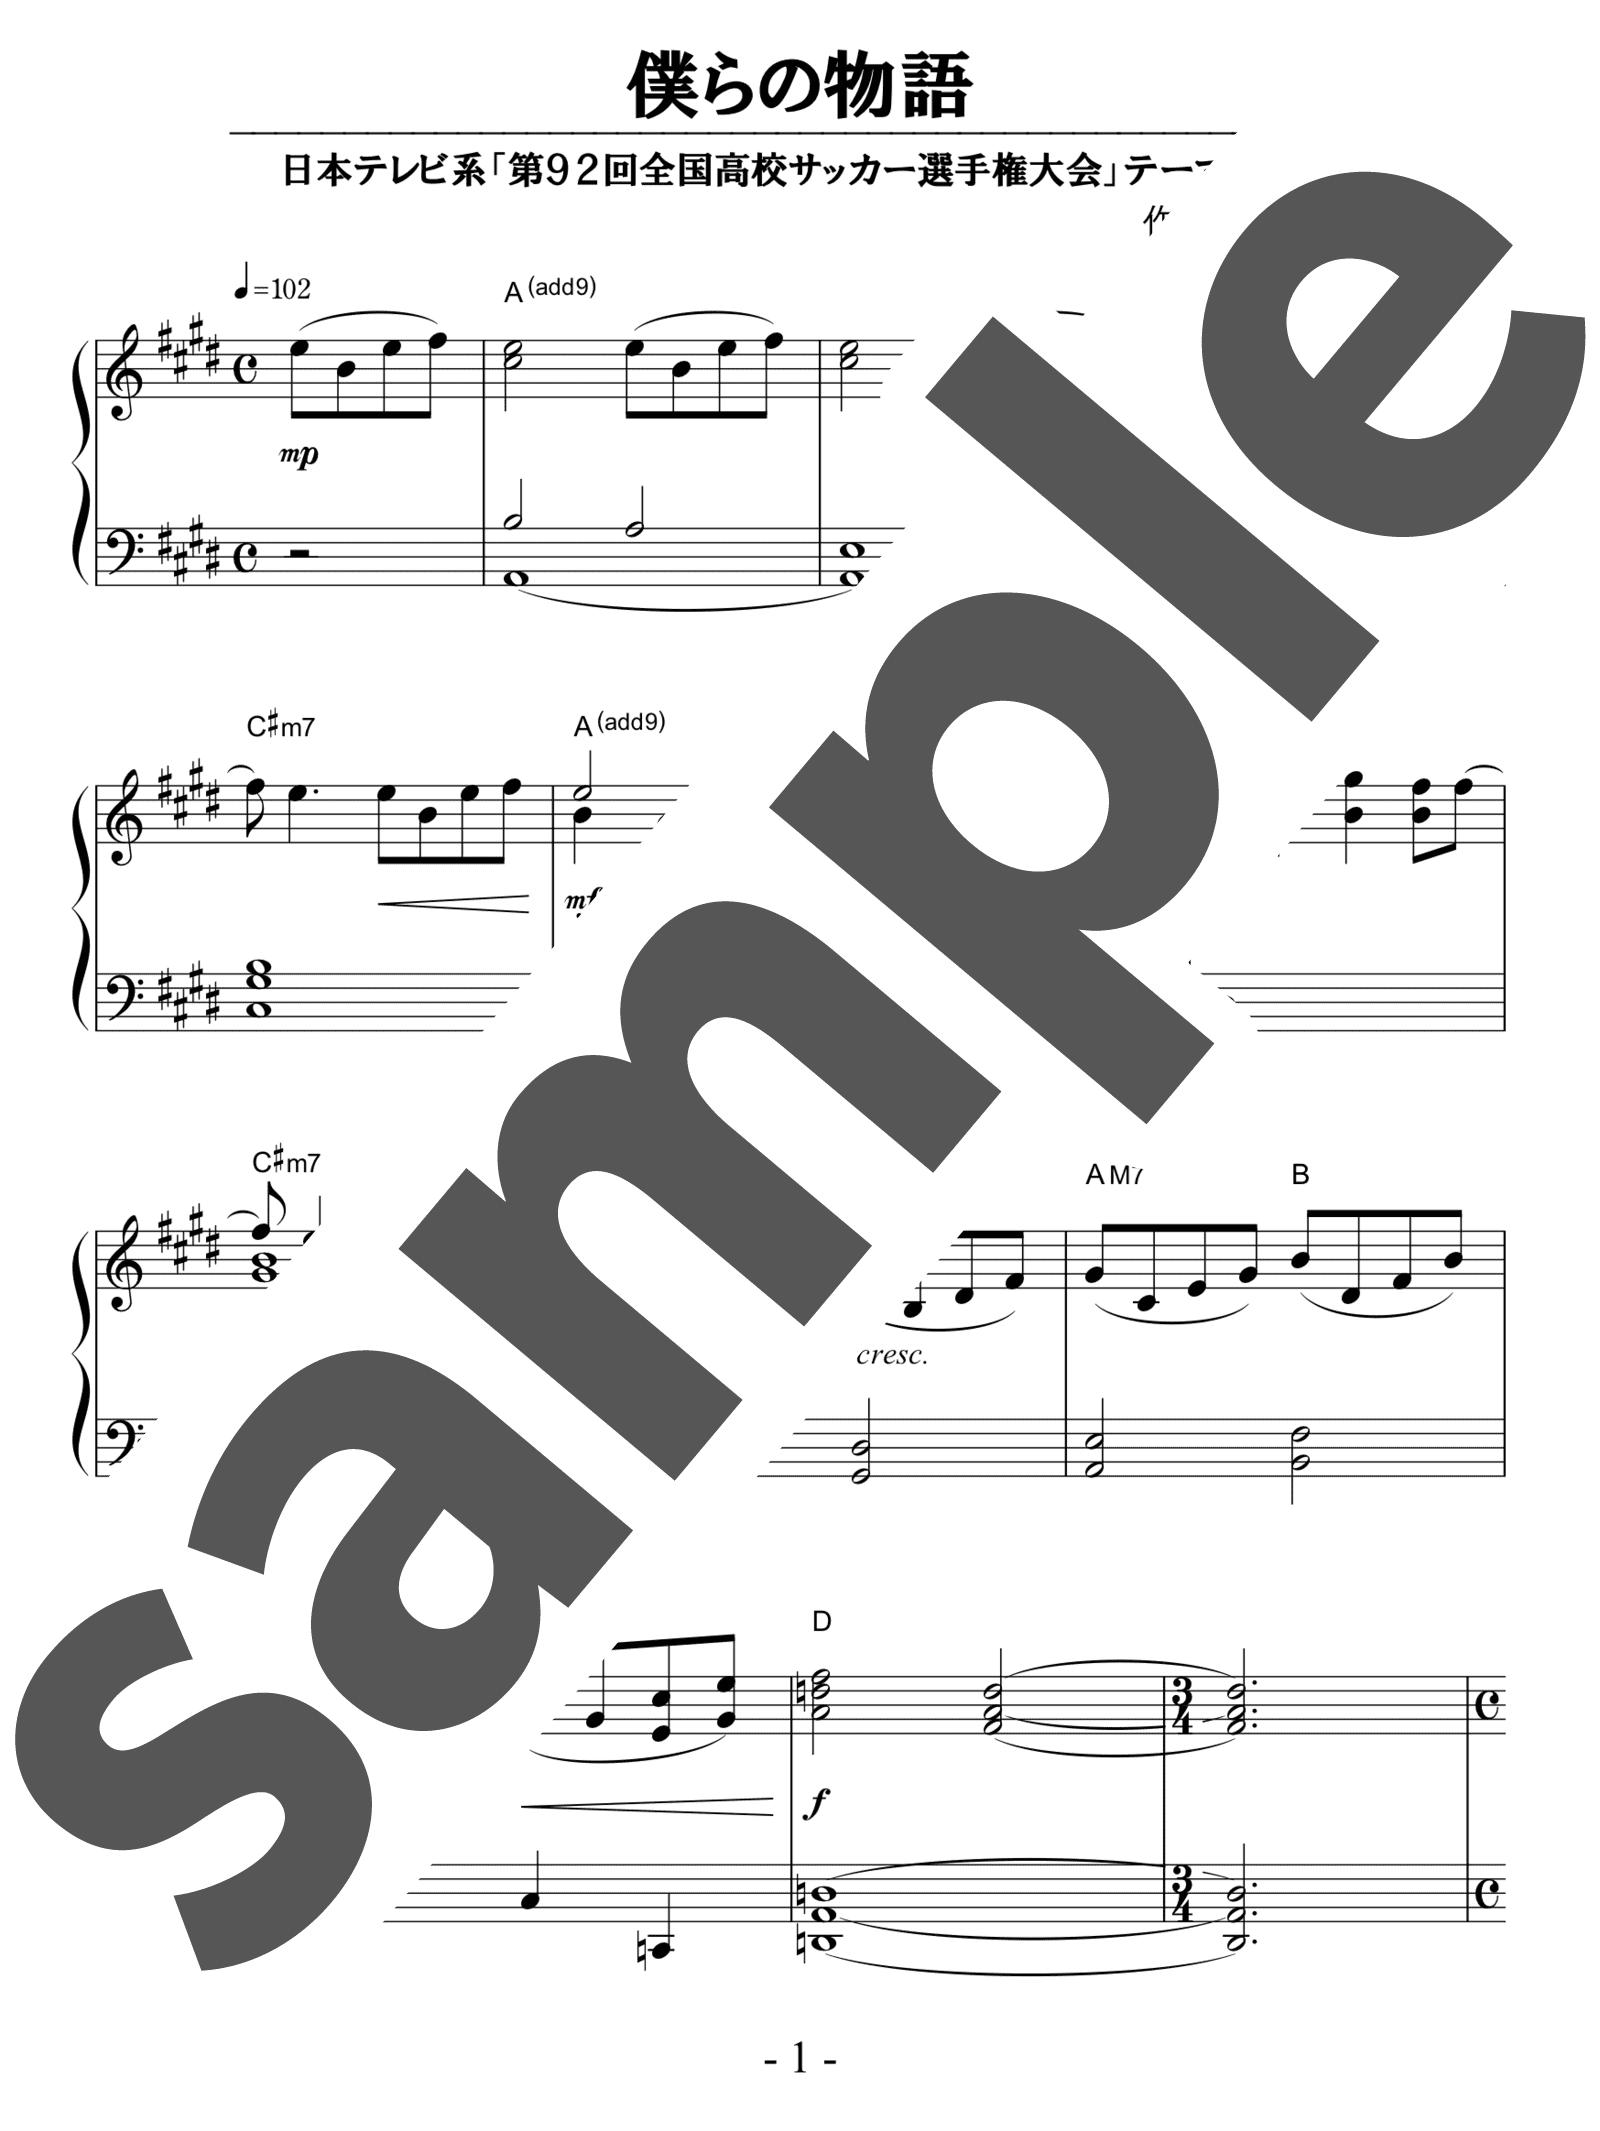 「僕らの物語」のサンプル楽譜